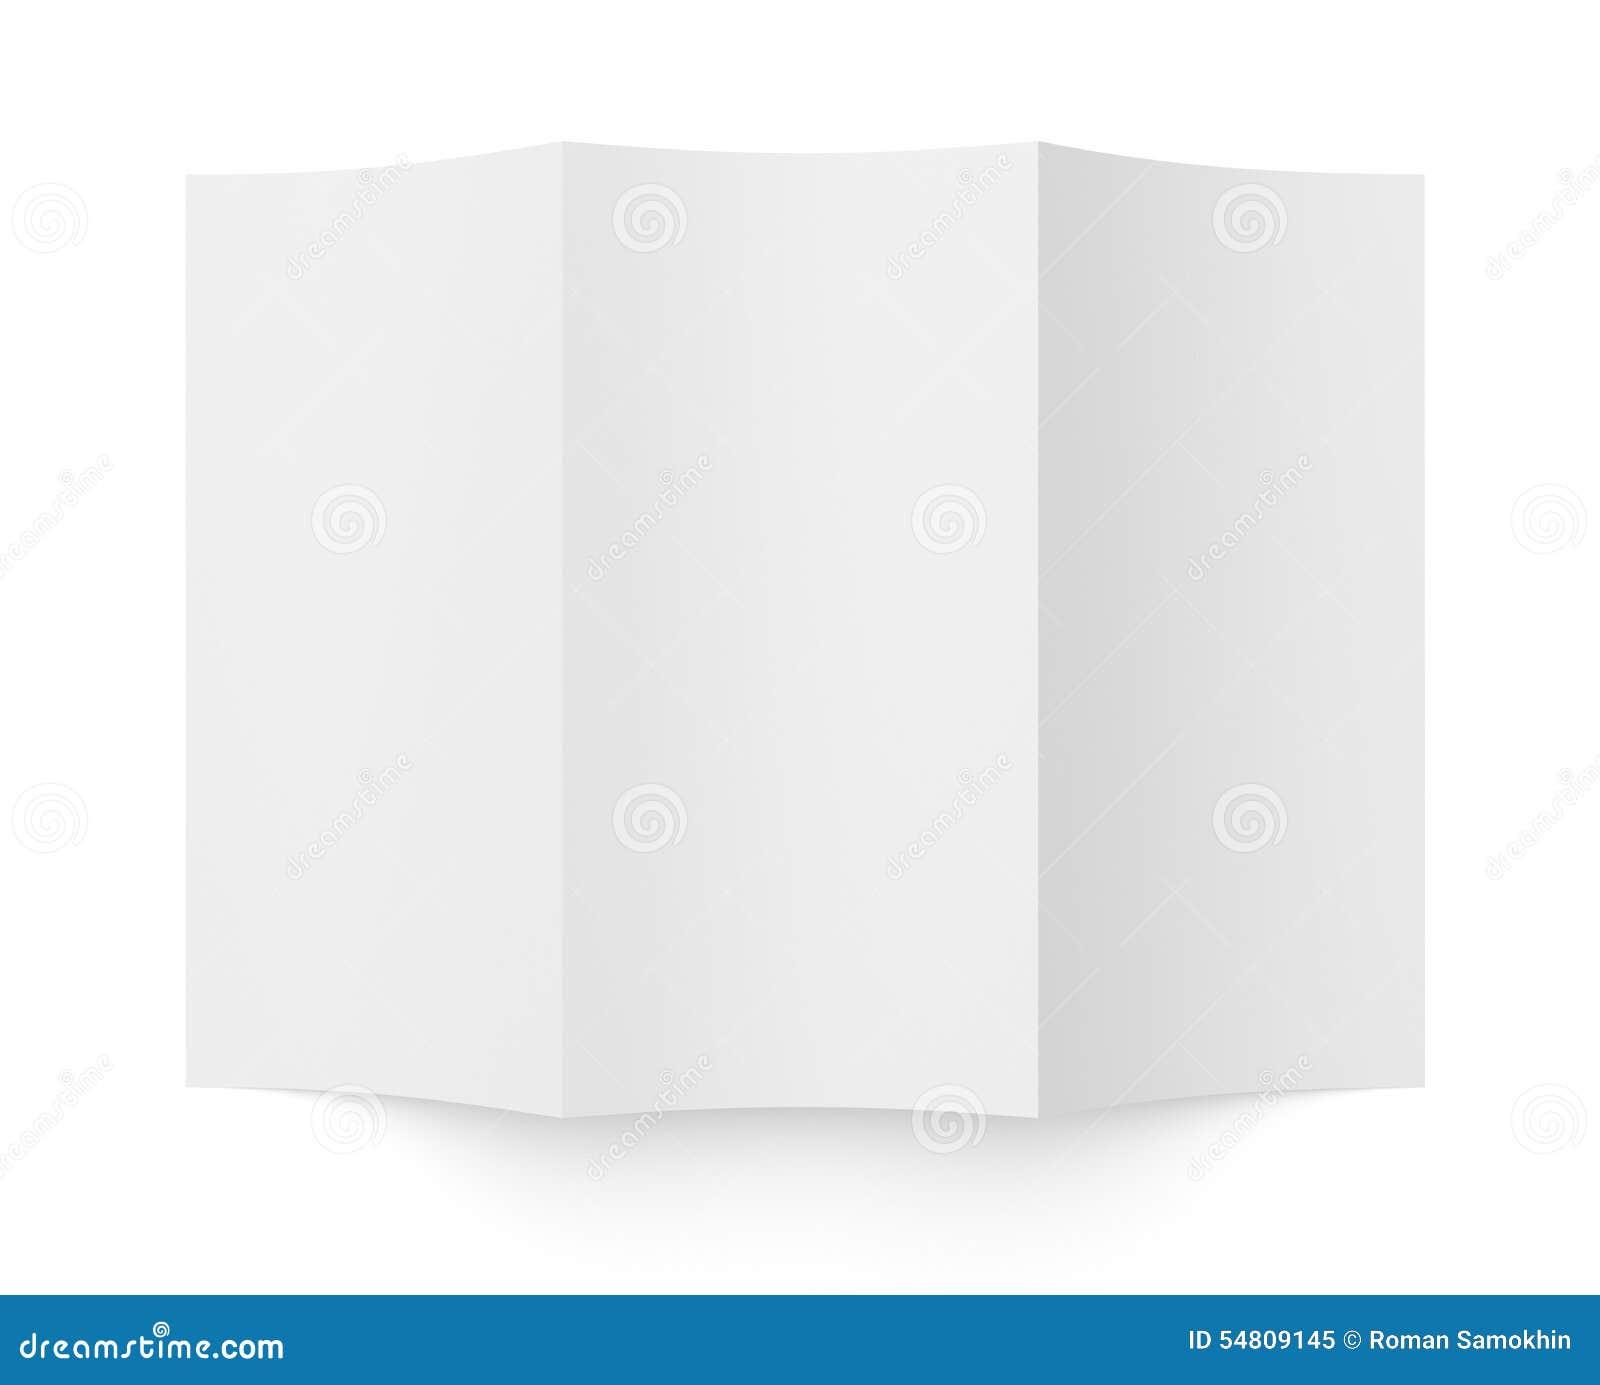 .amazon com 65lb bright white tri fold brochure paper 250 trifold